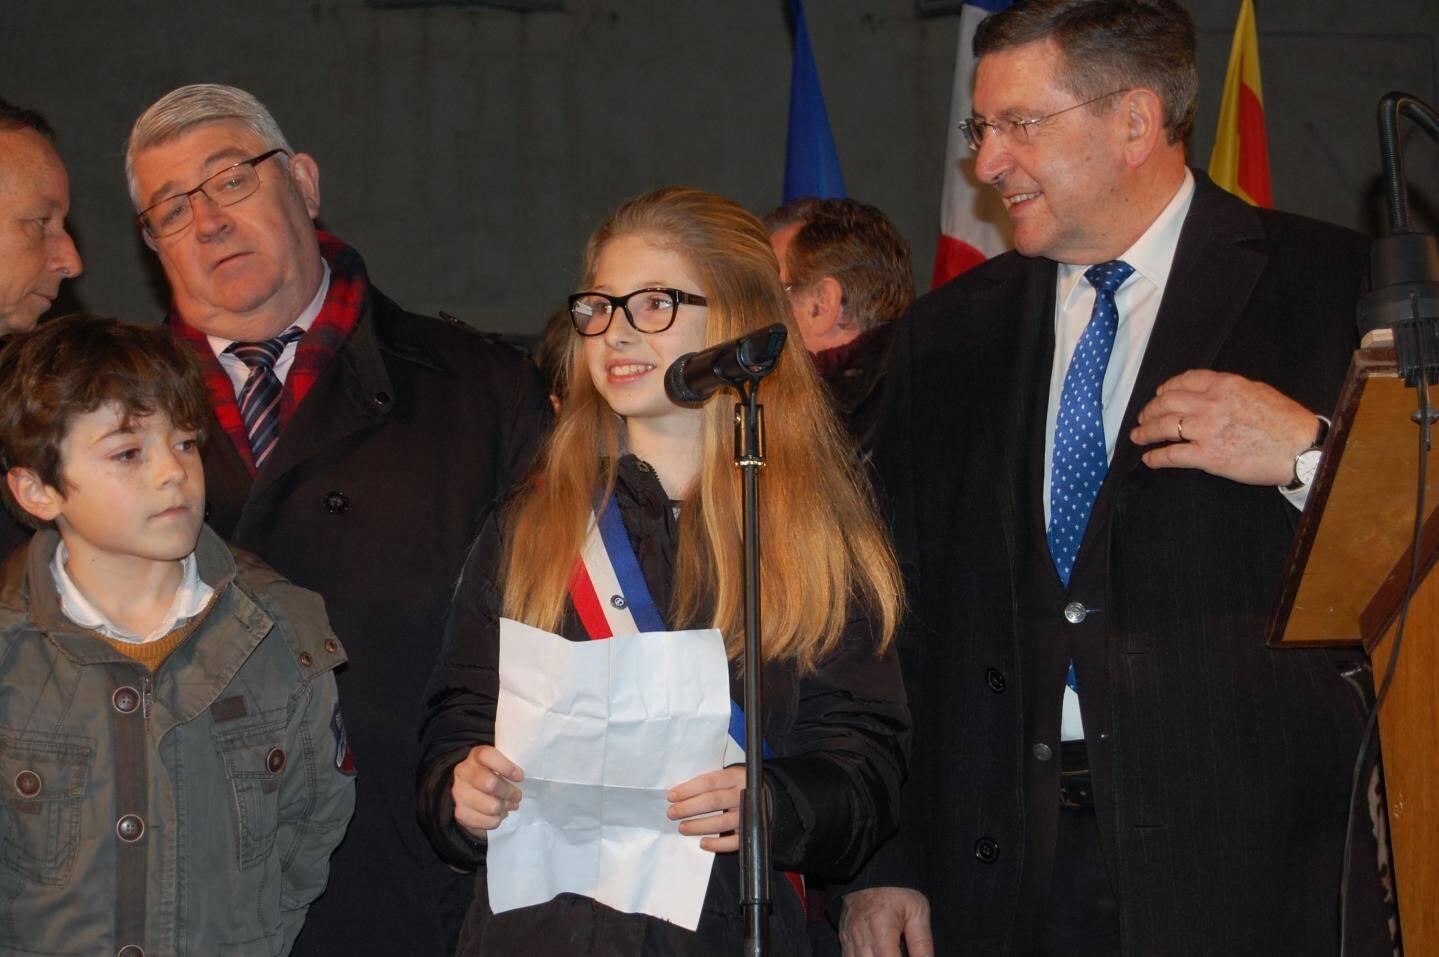 Karla Pain, maire du conseil municipal des jeunes, a aussi présenté ses vœux, s'engageant pour 2016 : « Nous serons toujours à l'écoute des jeunes Ollioulais ».